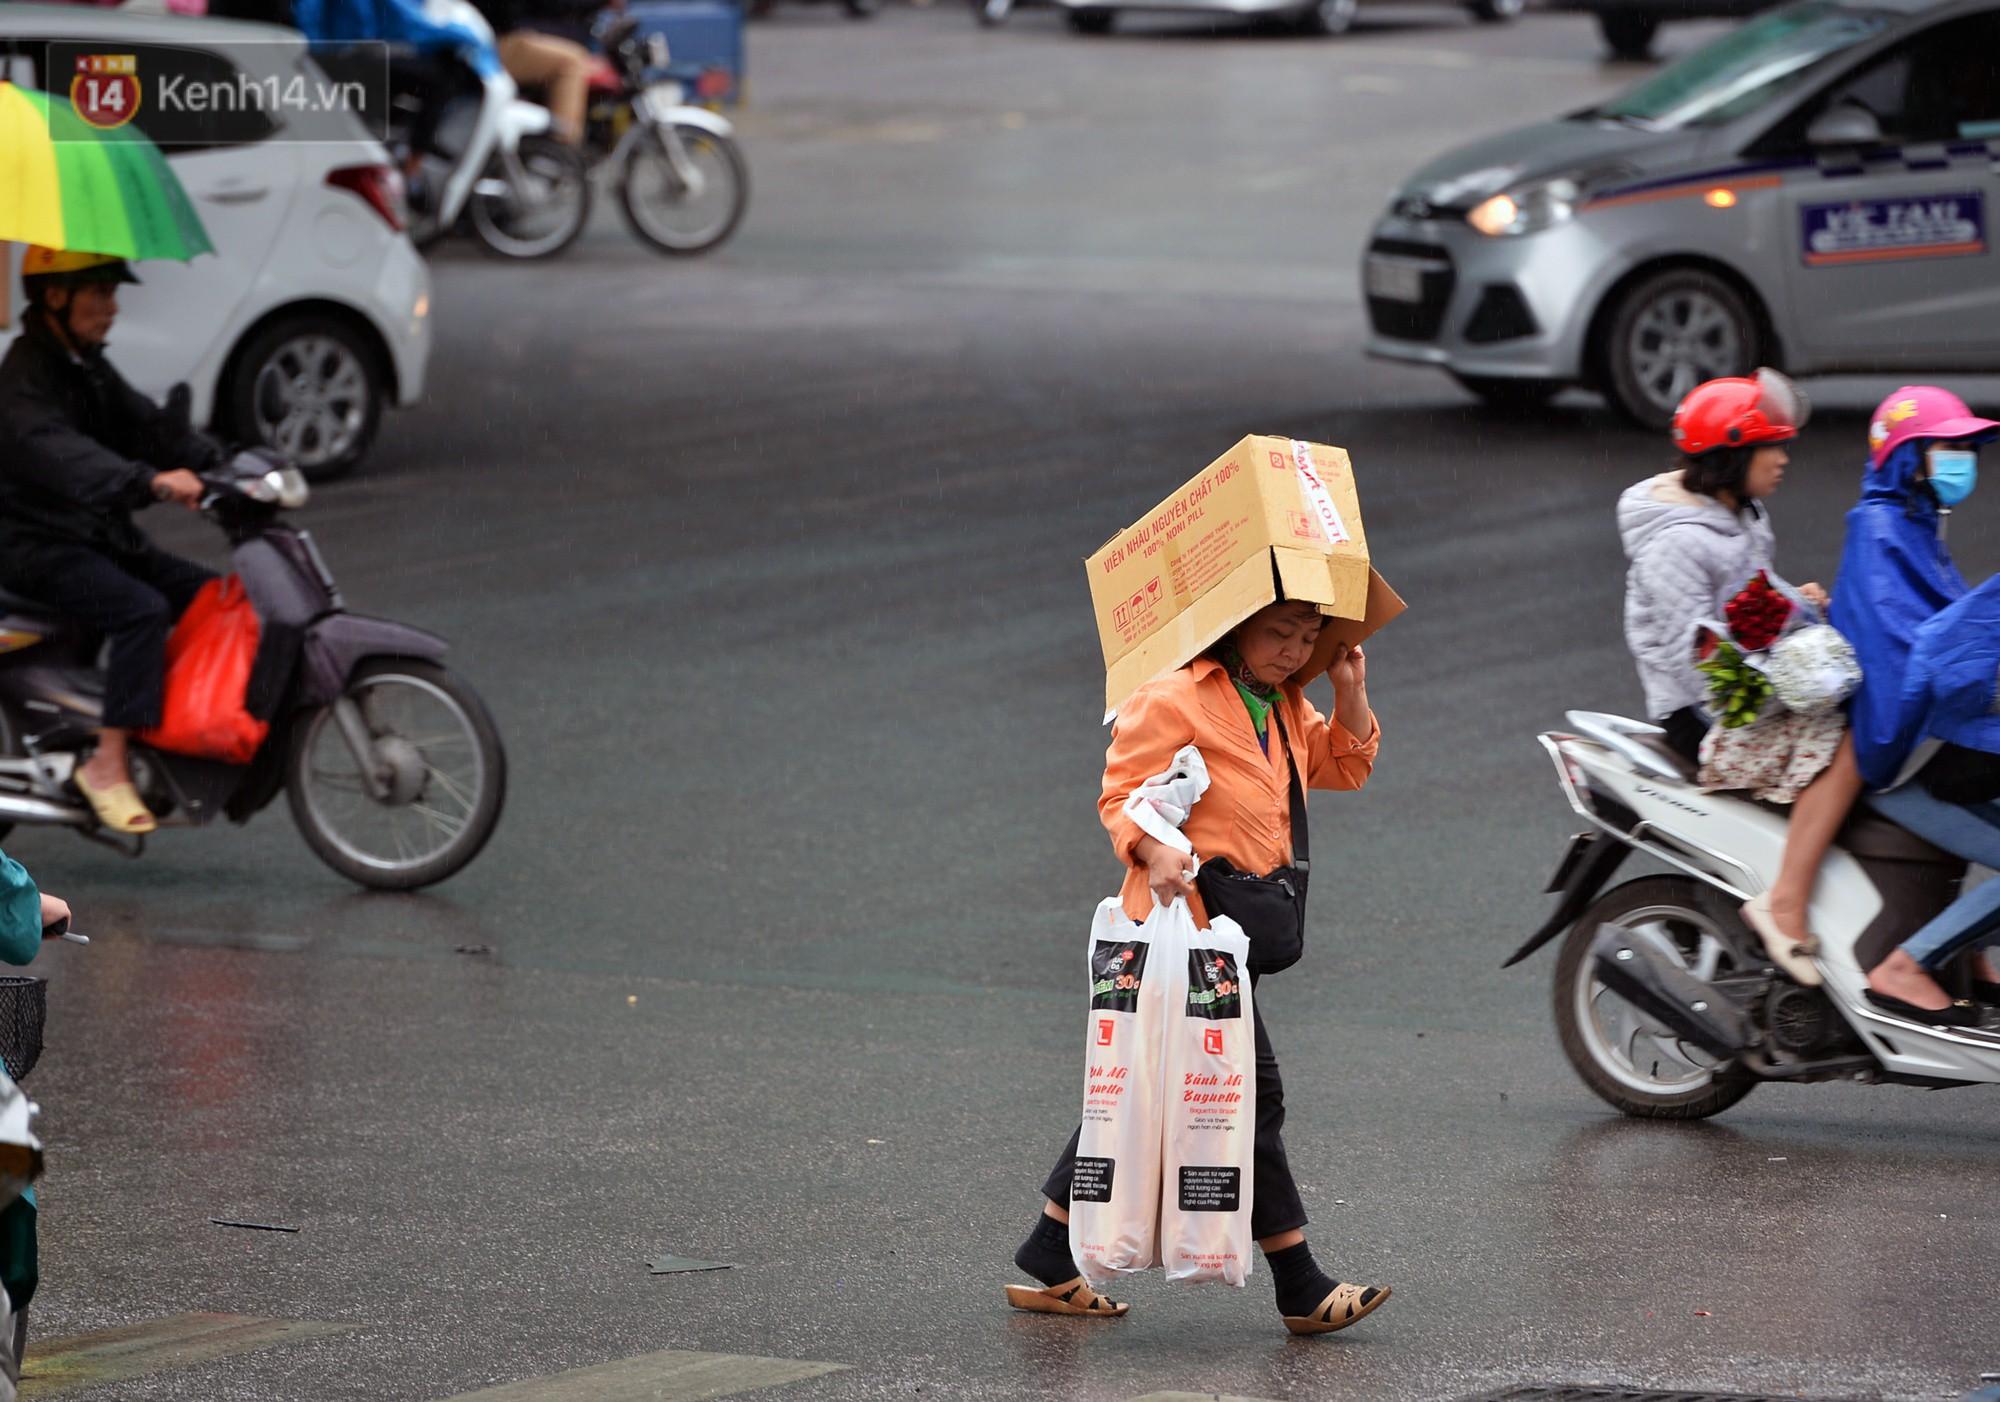 Chùm ảnh: Hà Nội giảm nhiệt độ, người mặc áo khoác dày, người quần đùi áo cộc xuống phố - Ảnh 8.